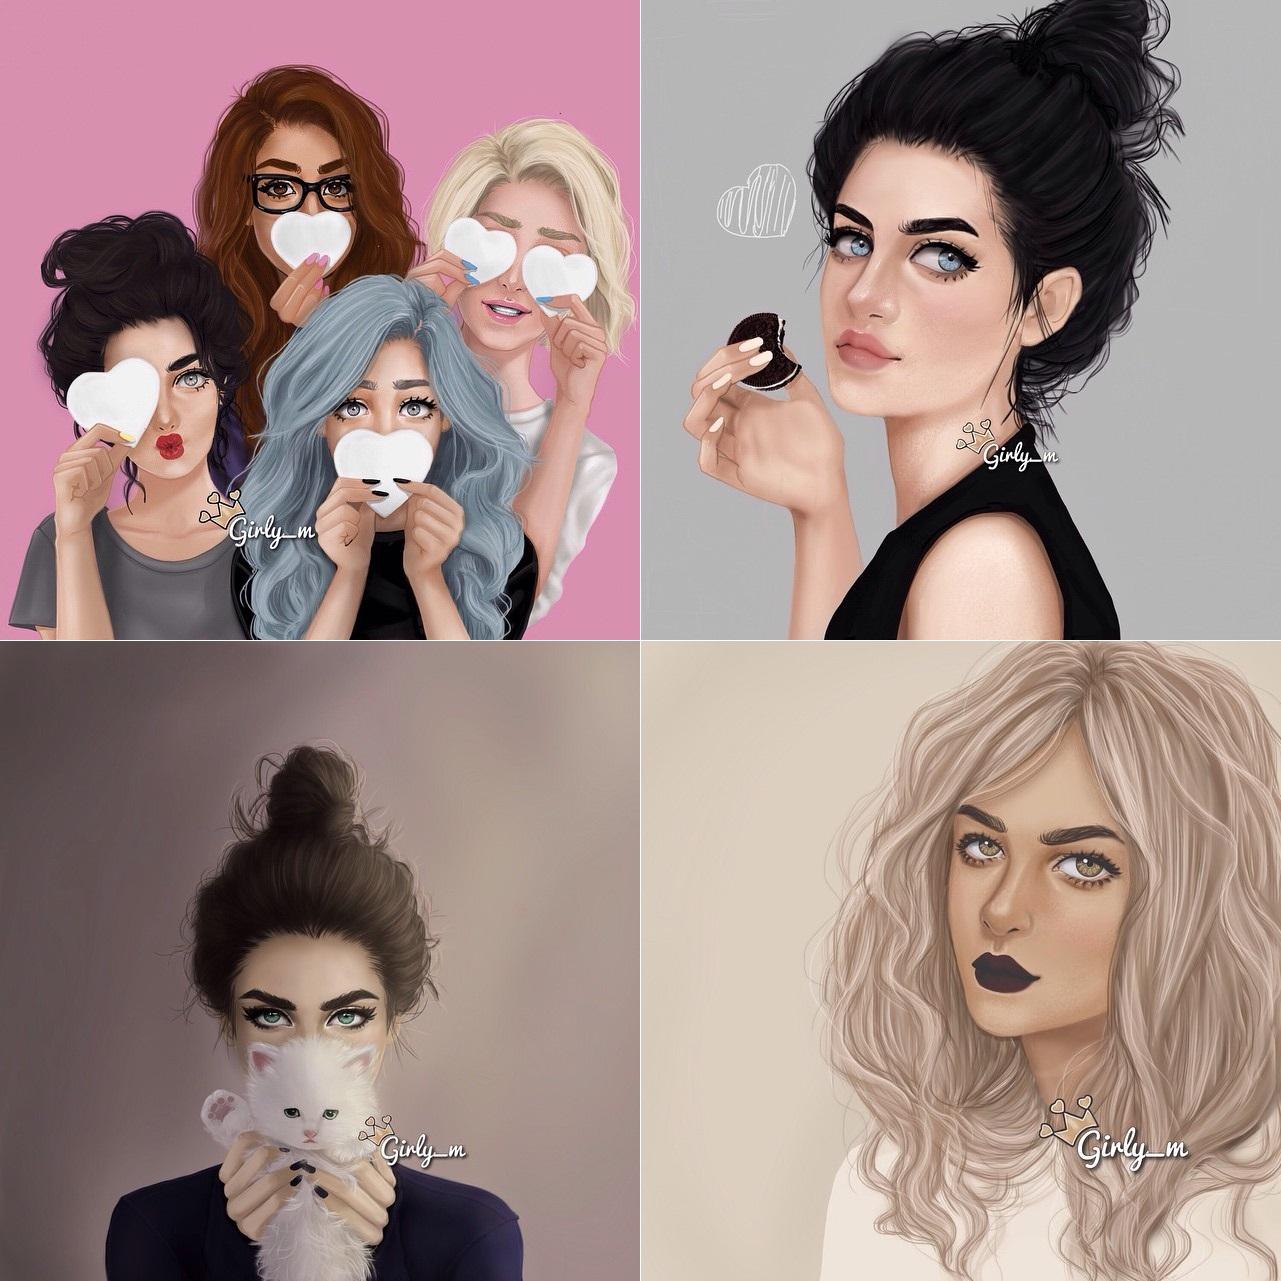 ilustração-girly_m-0